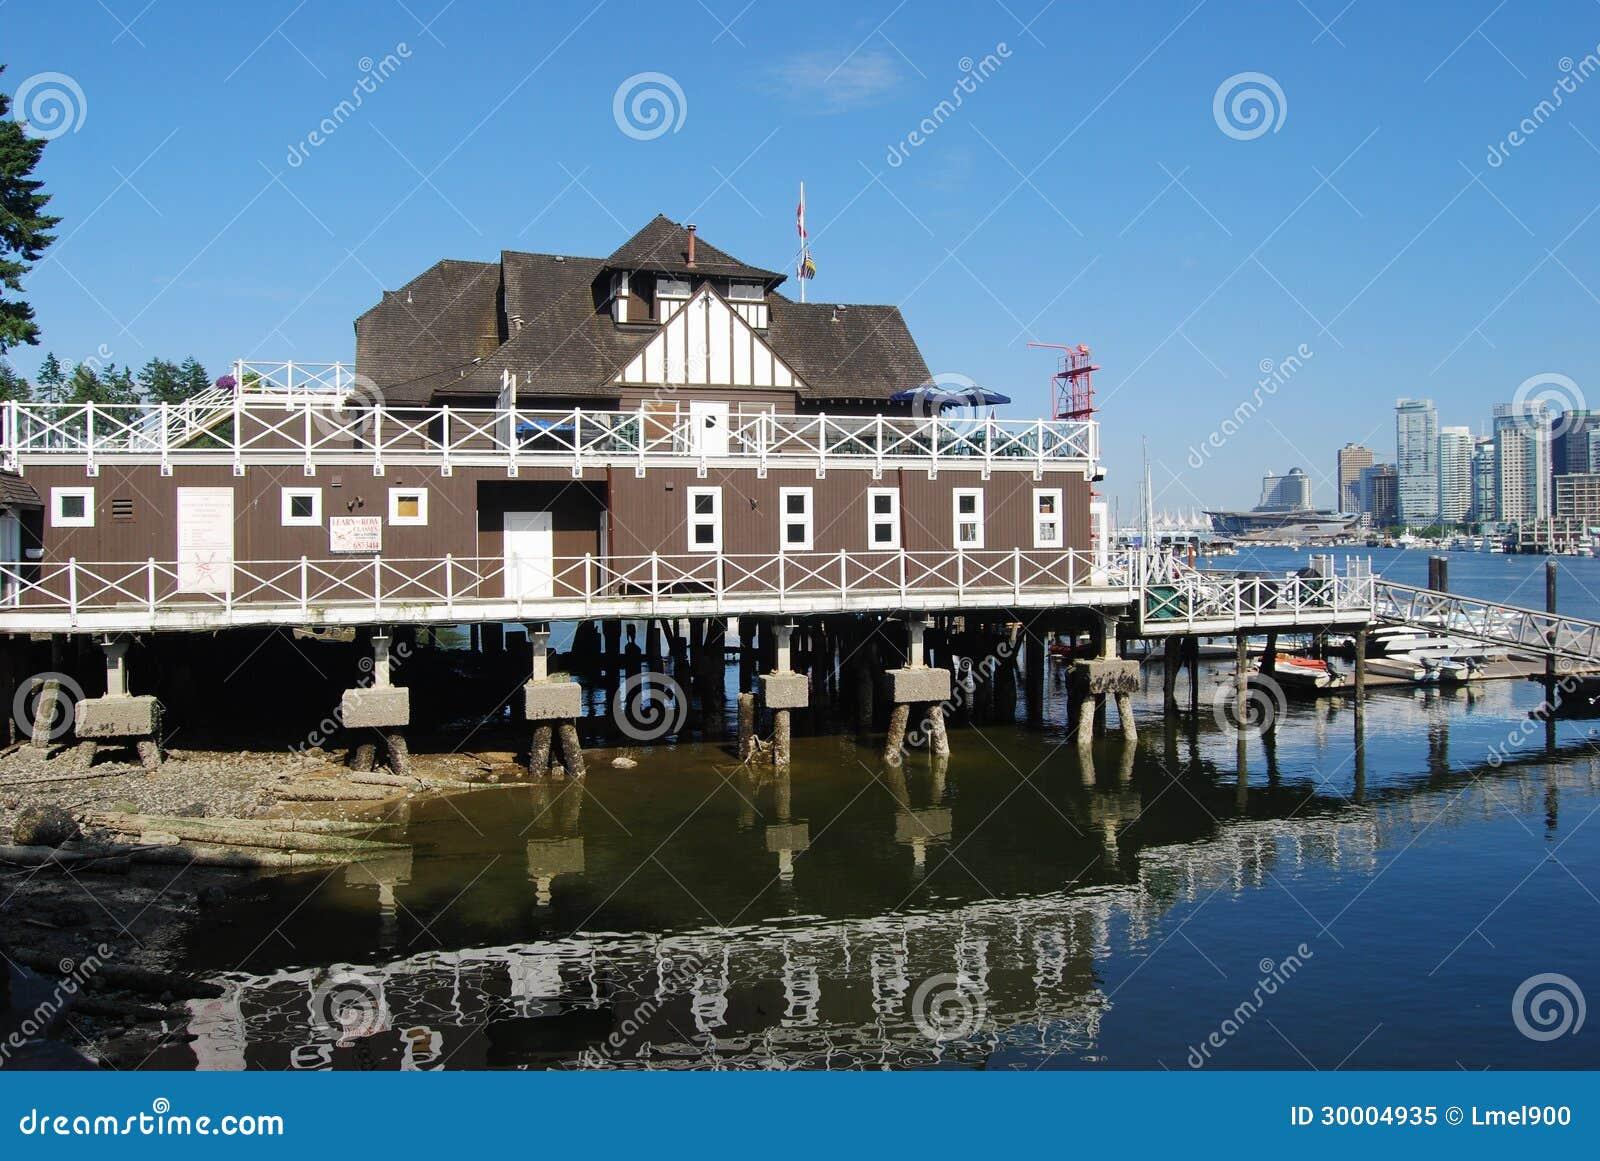 architecture de bord de mer de vancouver image éditorial - image du